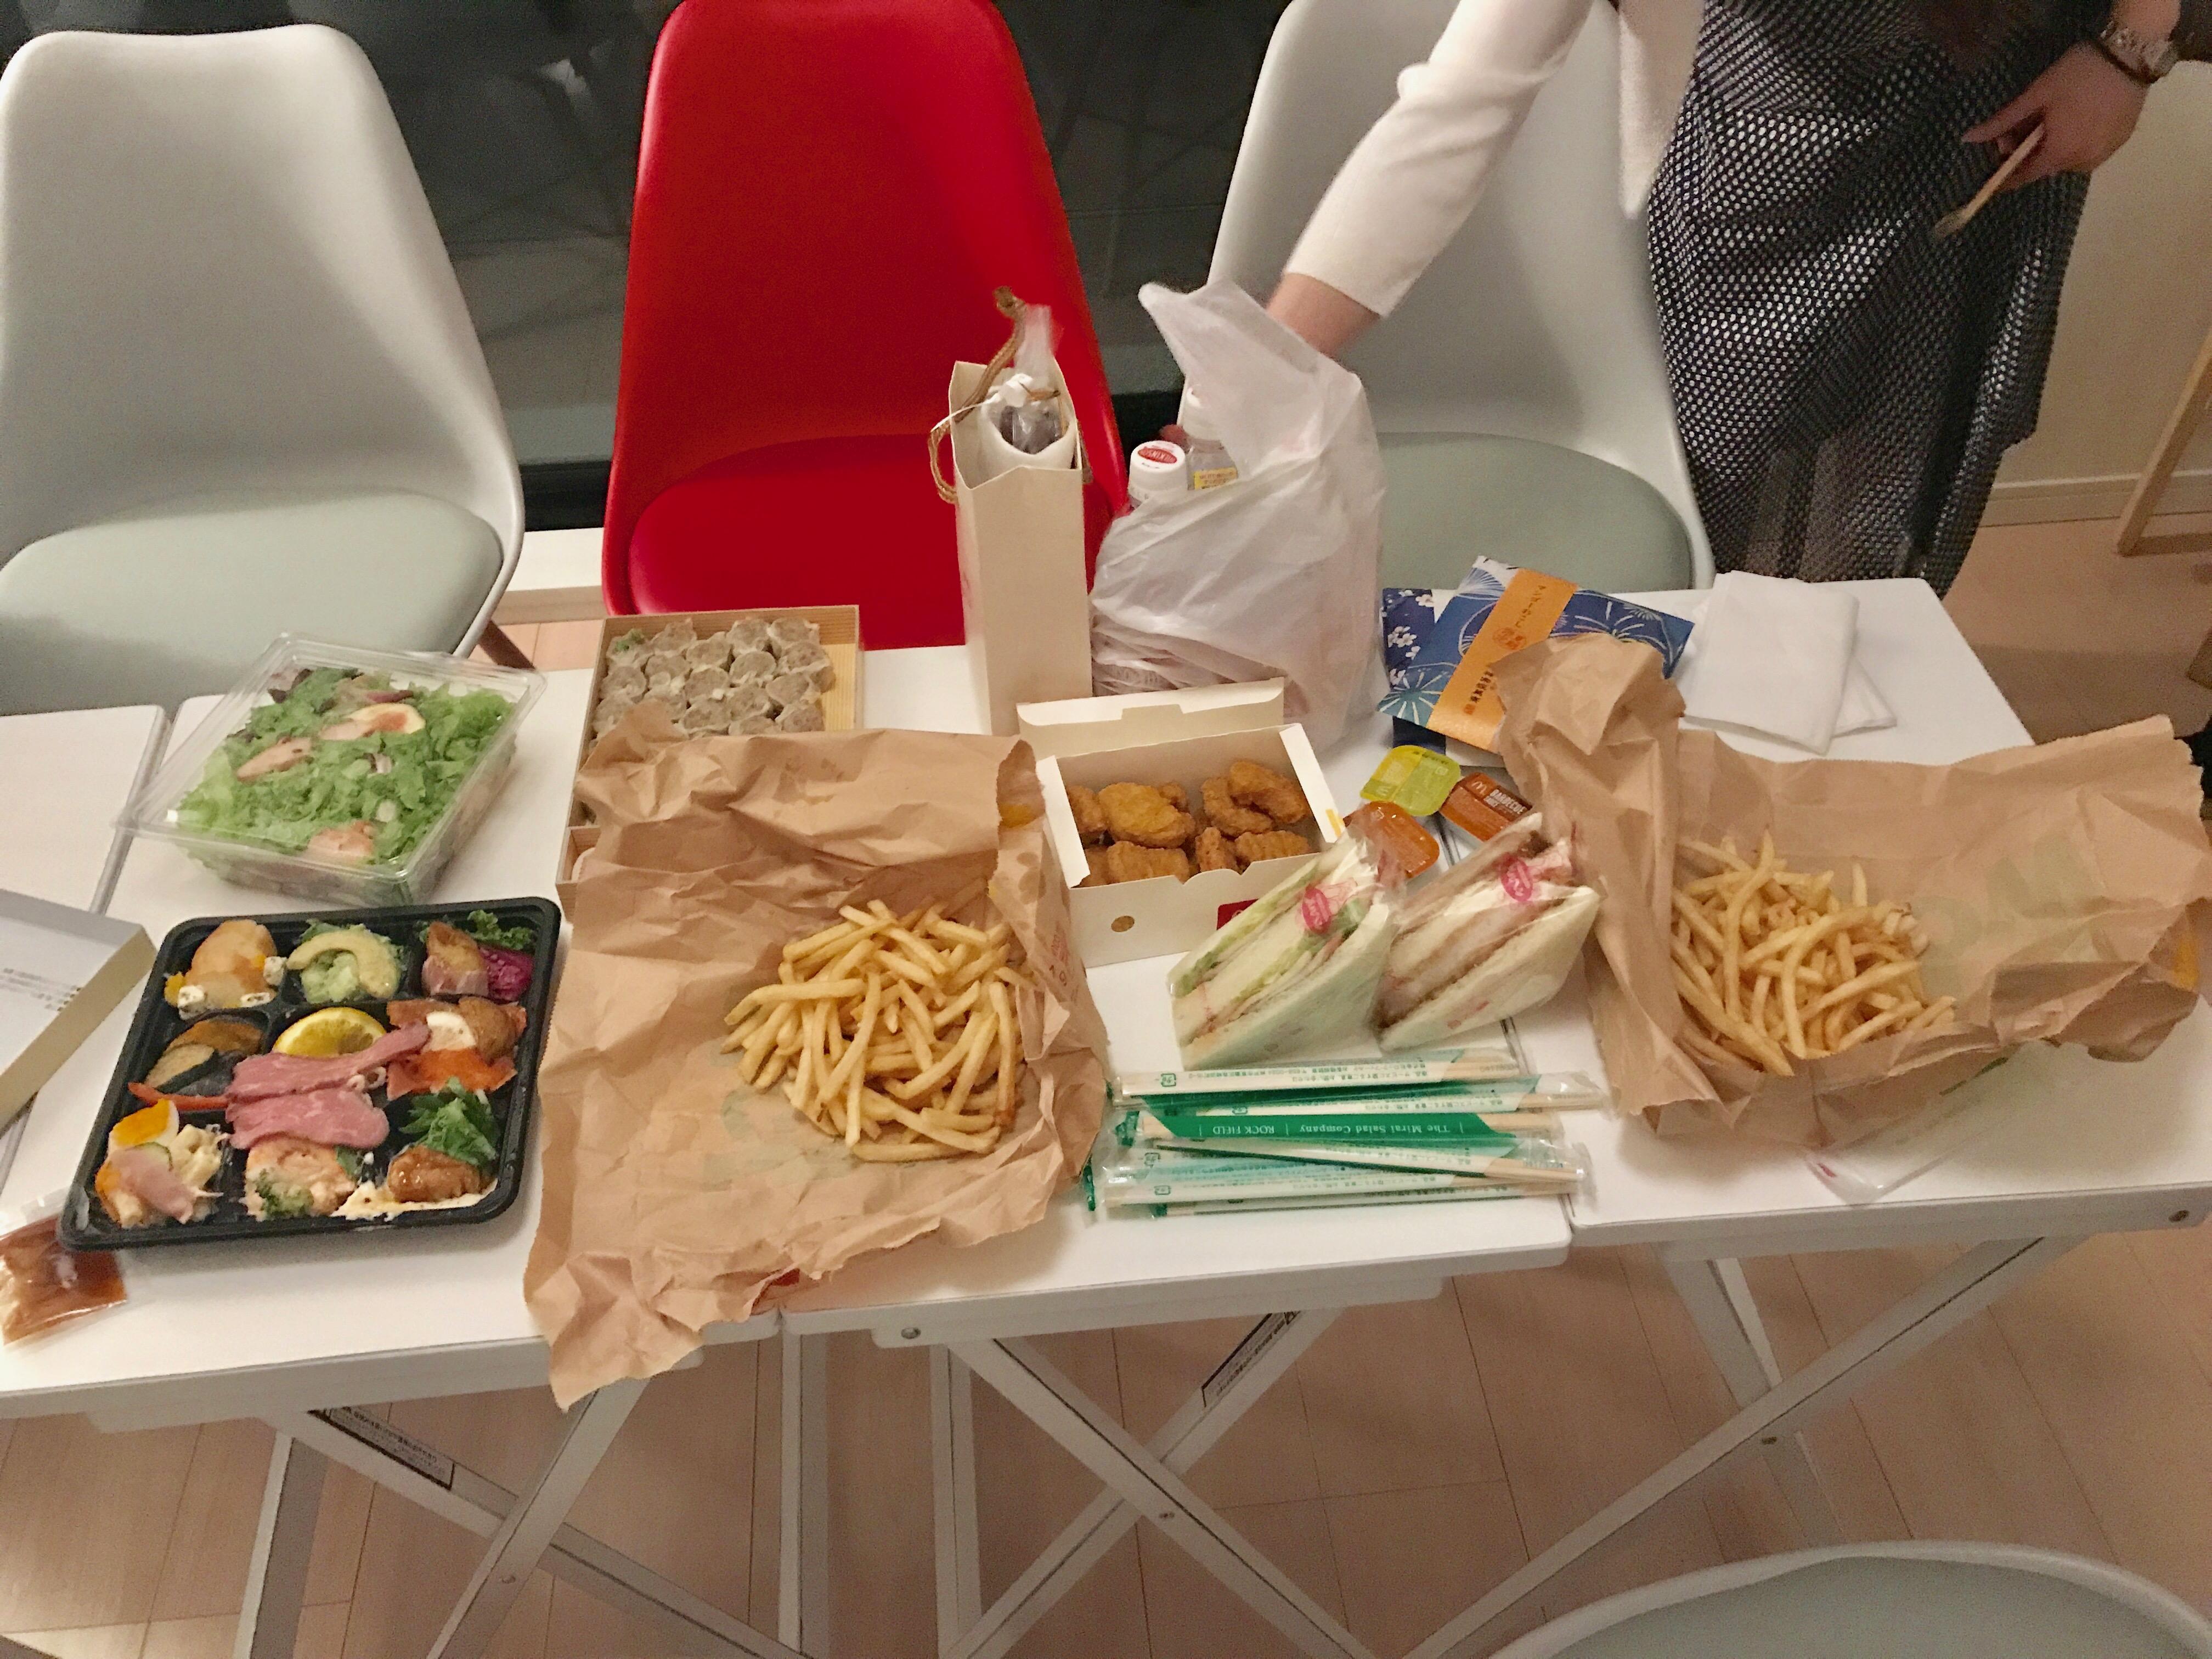 結婚相談所 東京 Repre(リプレ)